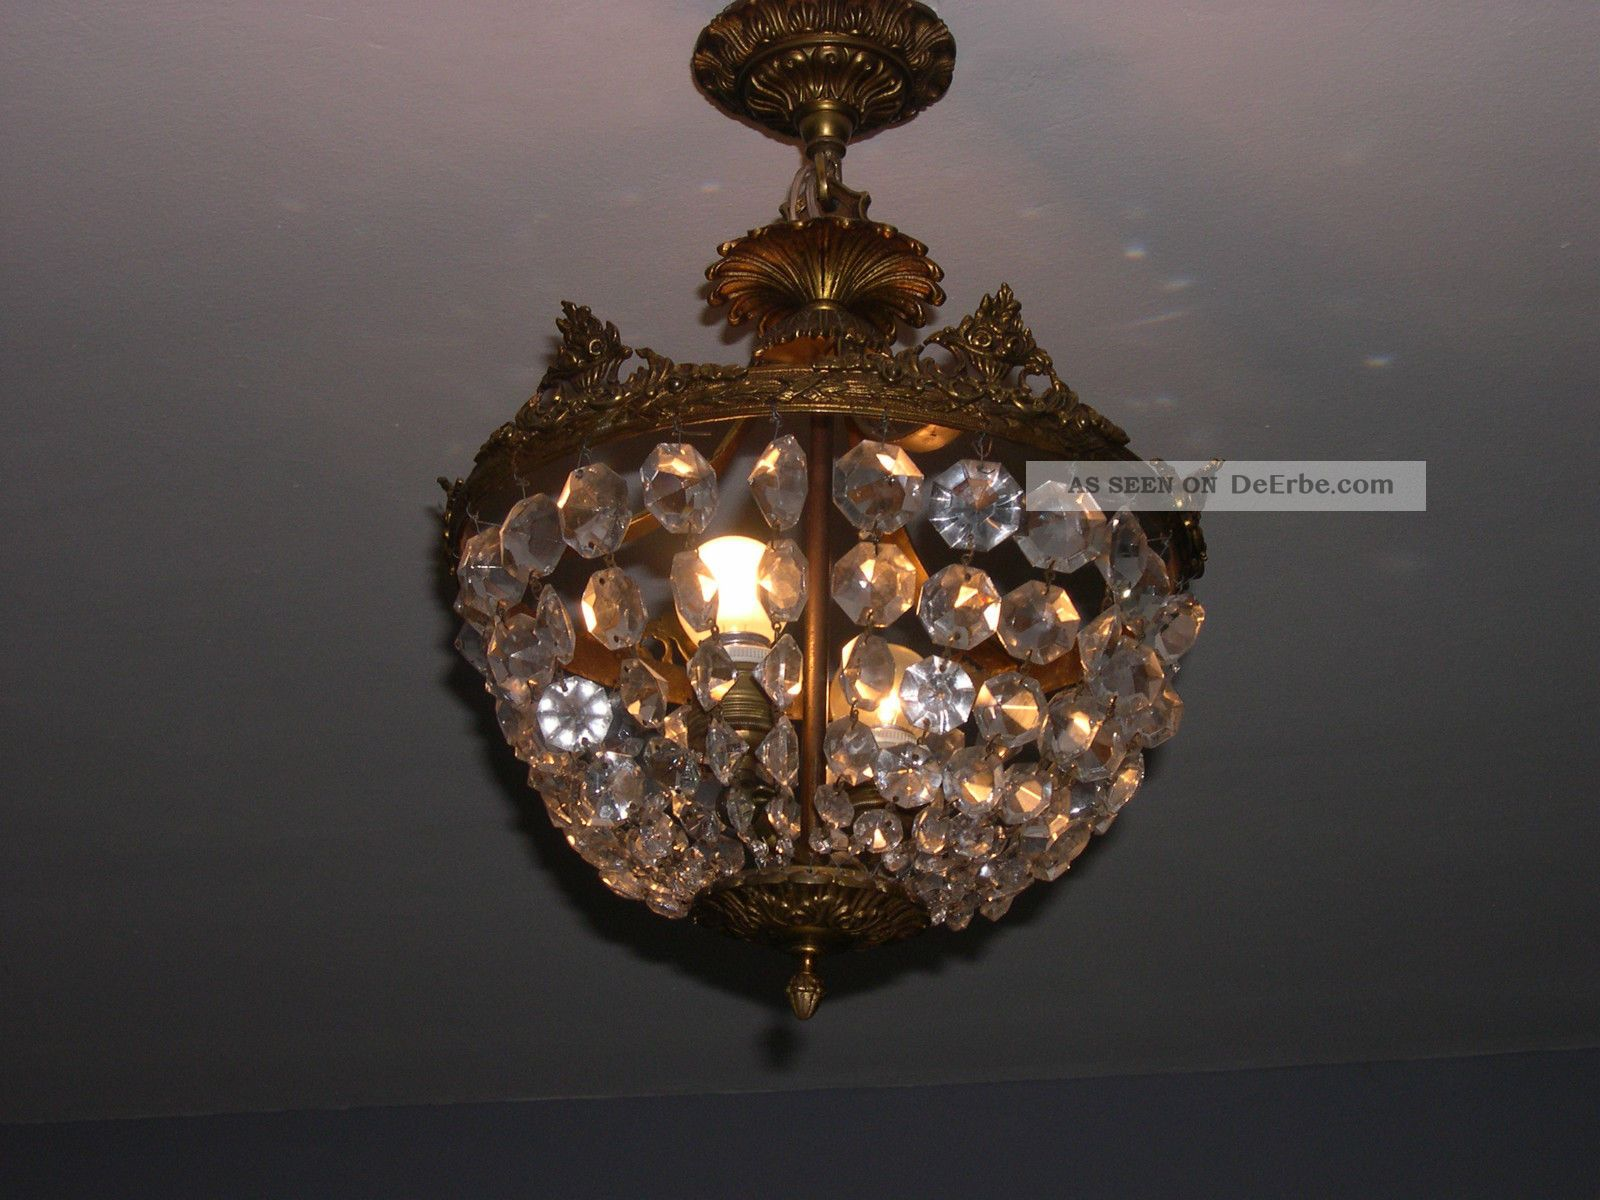 Plafoniere Kristall : Jugendstil glas kristall deckenlampe plafoniere ca. 1920